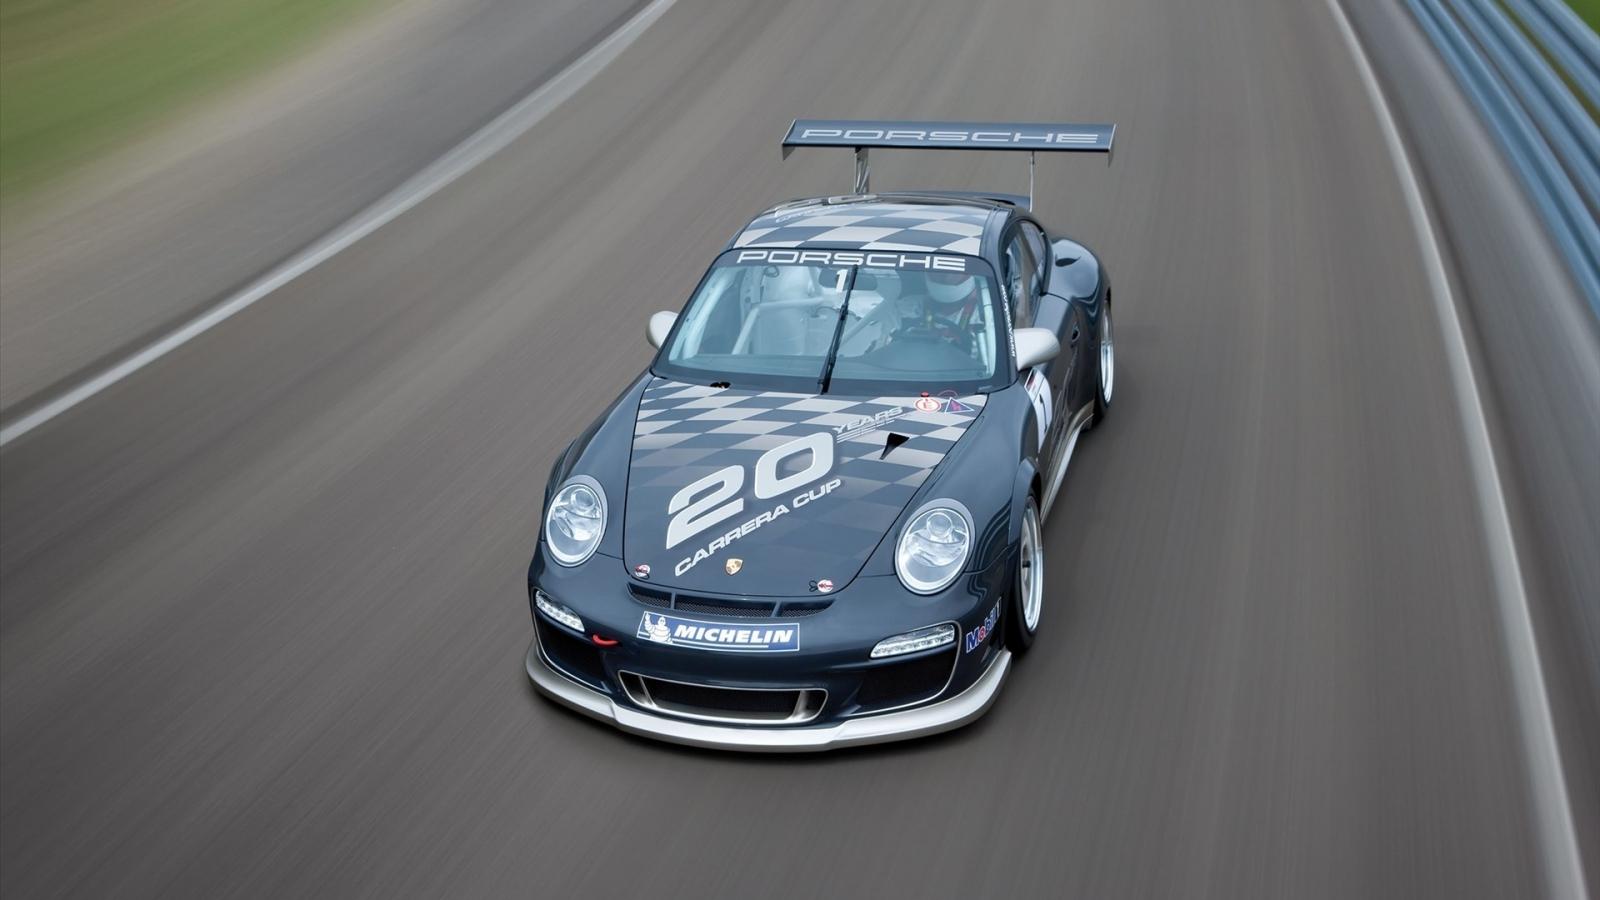 Fondos De Pantalla Vehículo Porsche Show De Net: Auto Porsche Negro Hd 1600x900